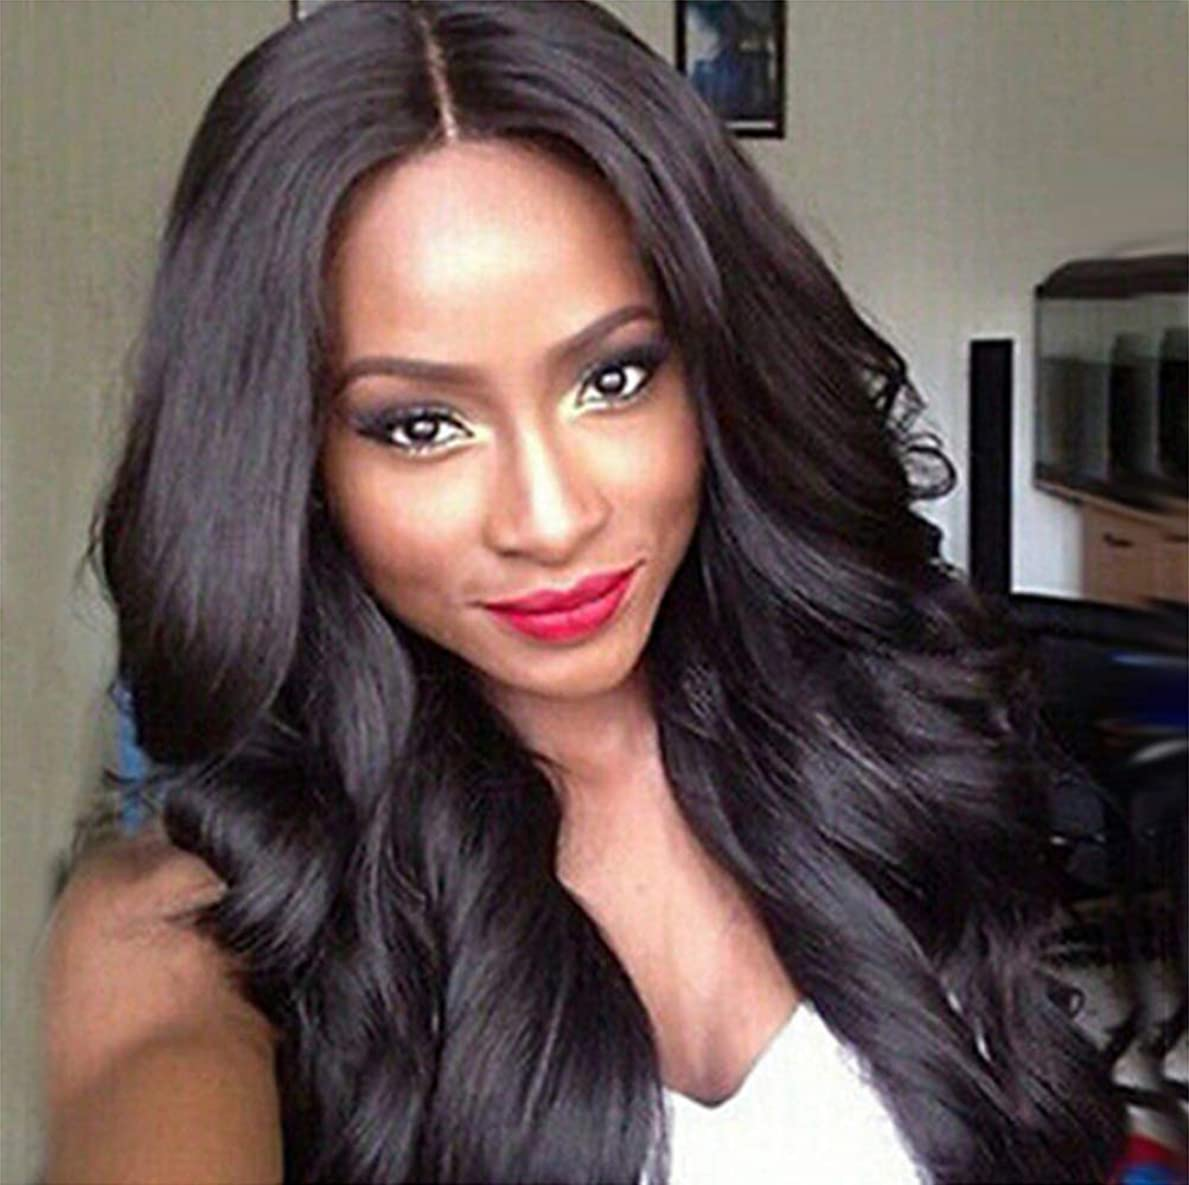 種類喪雇う女性のための合成かつら長い巻き毛のかつら抵抗のコスプレパーティー黒70 cm